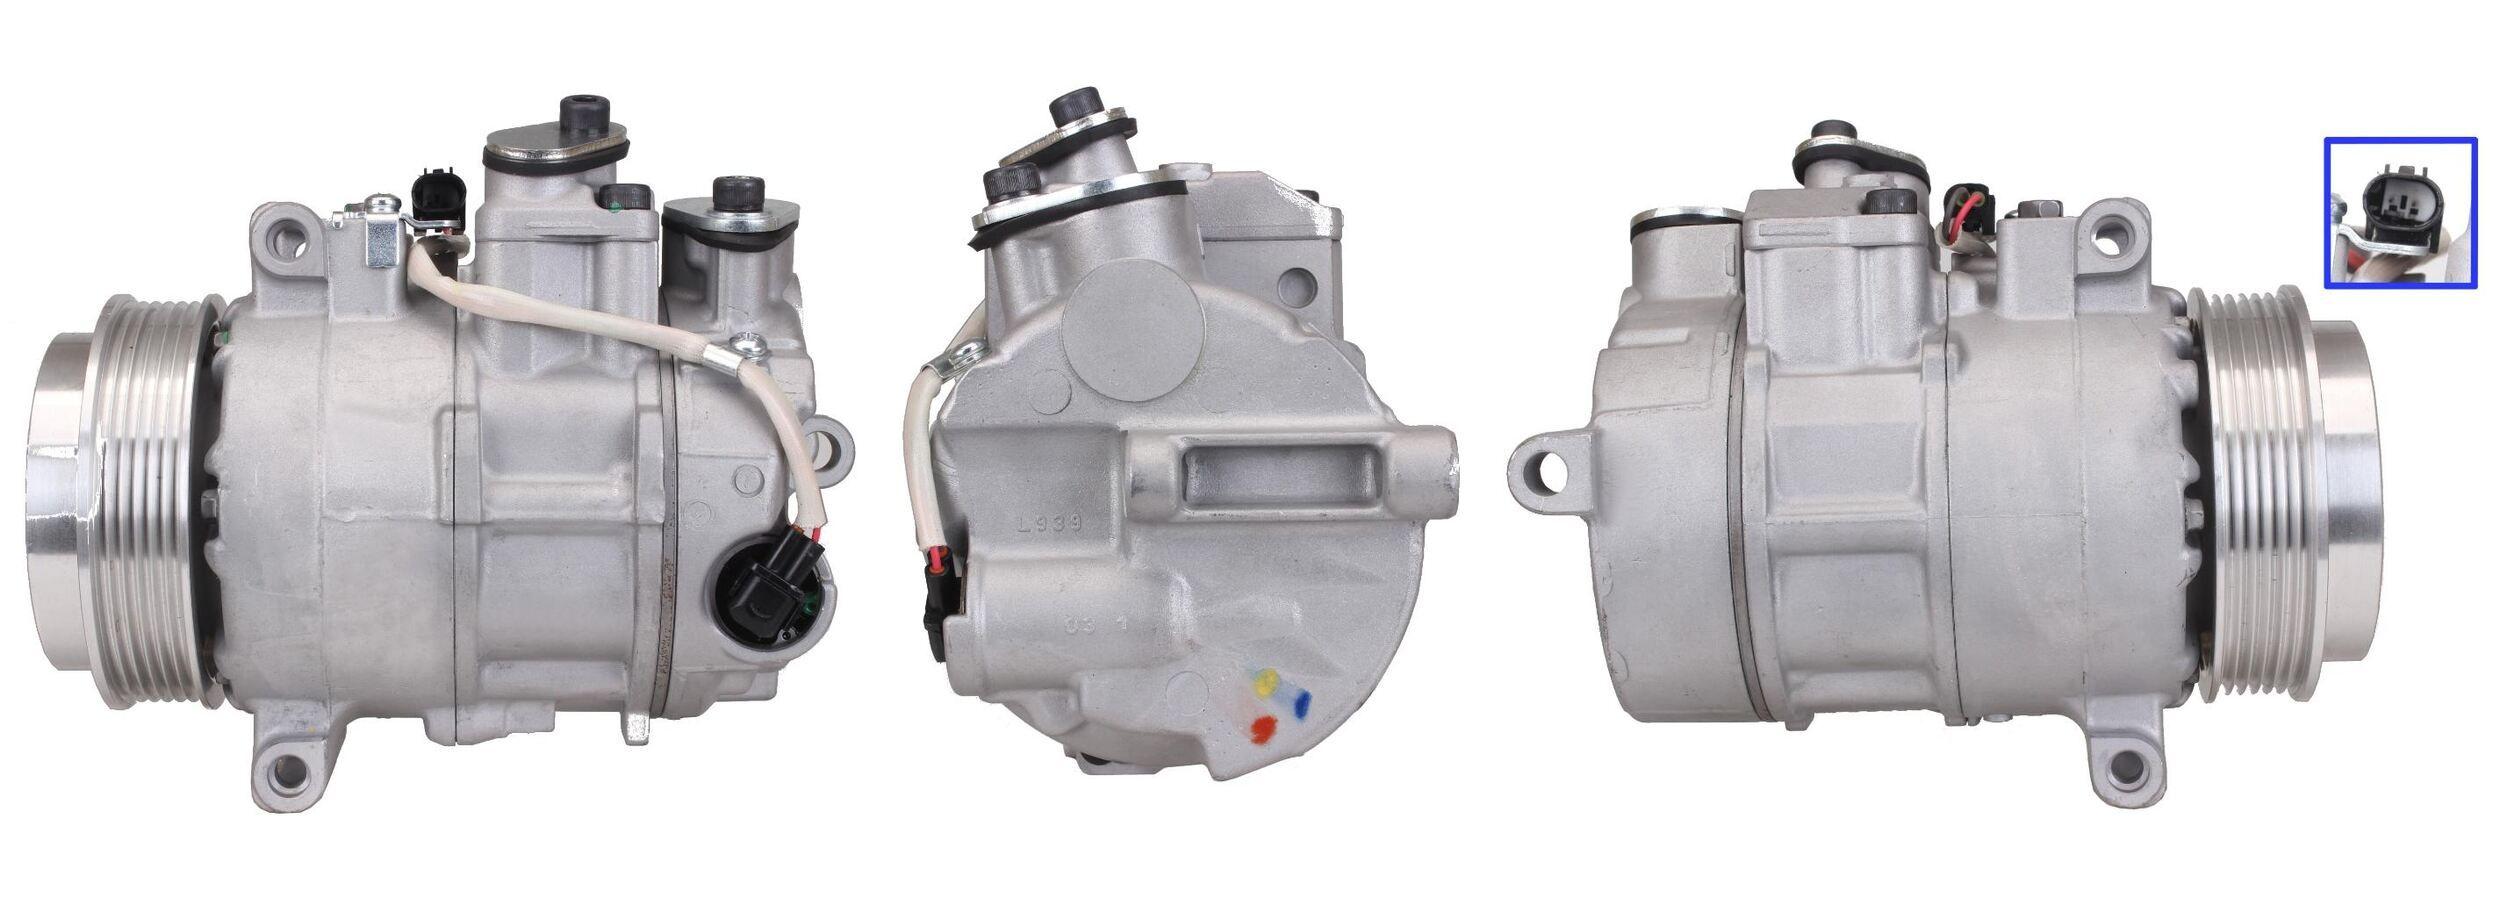 Original MERCEDES-BENZ Kompressor Klimaanlage 51-0915